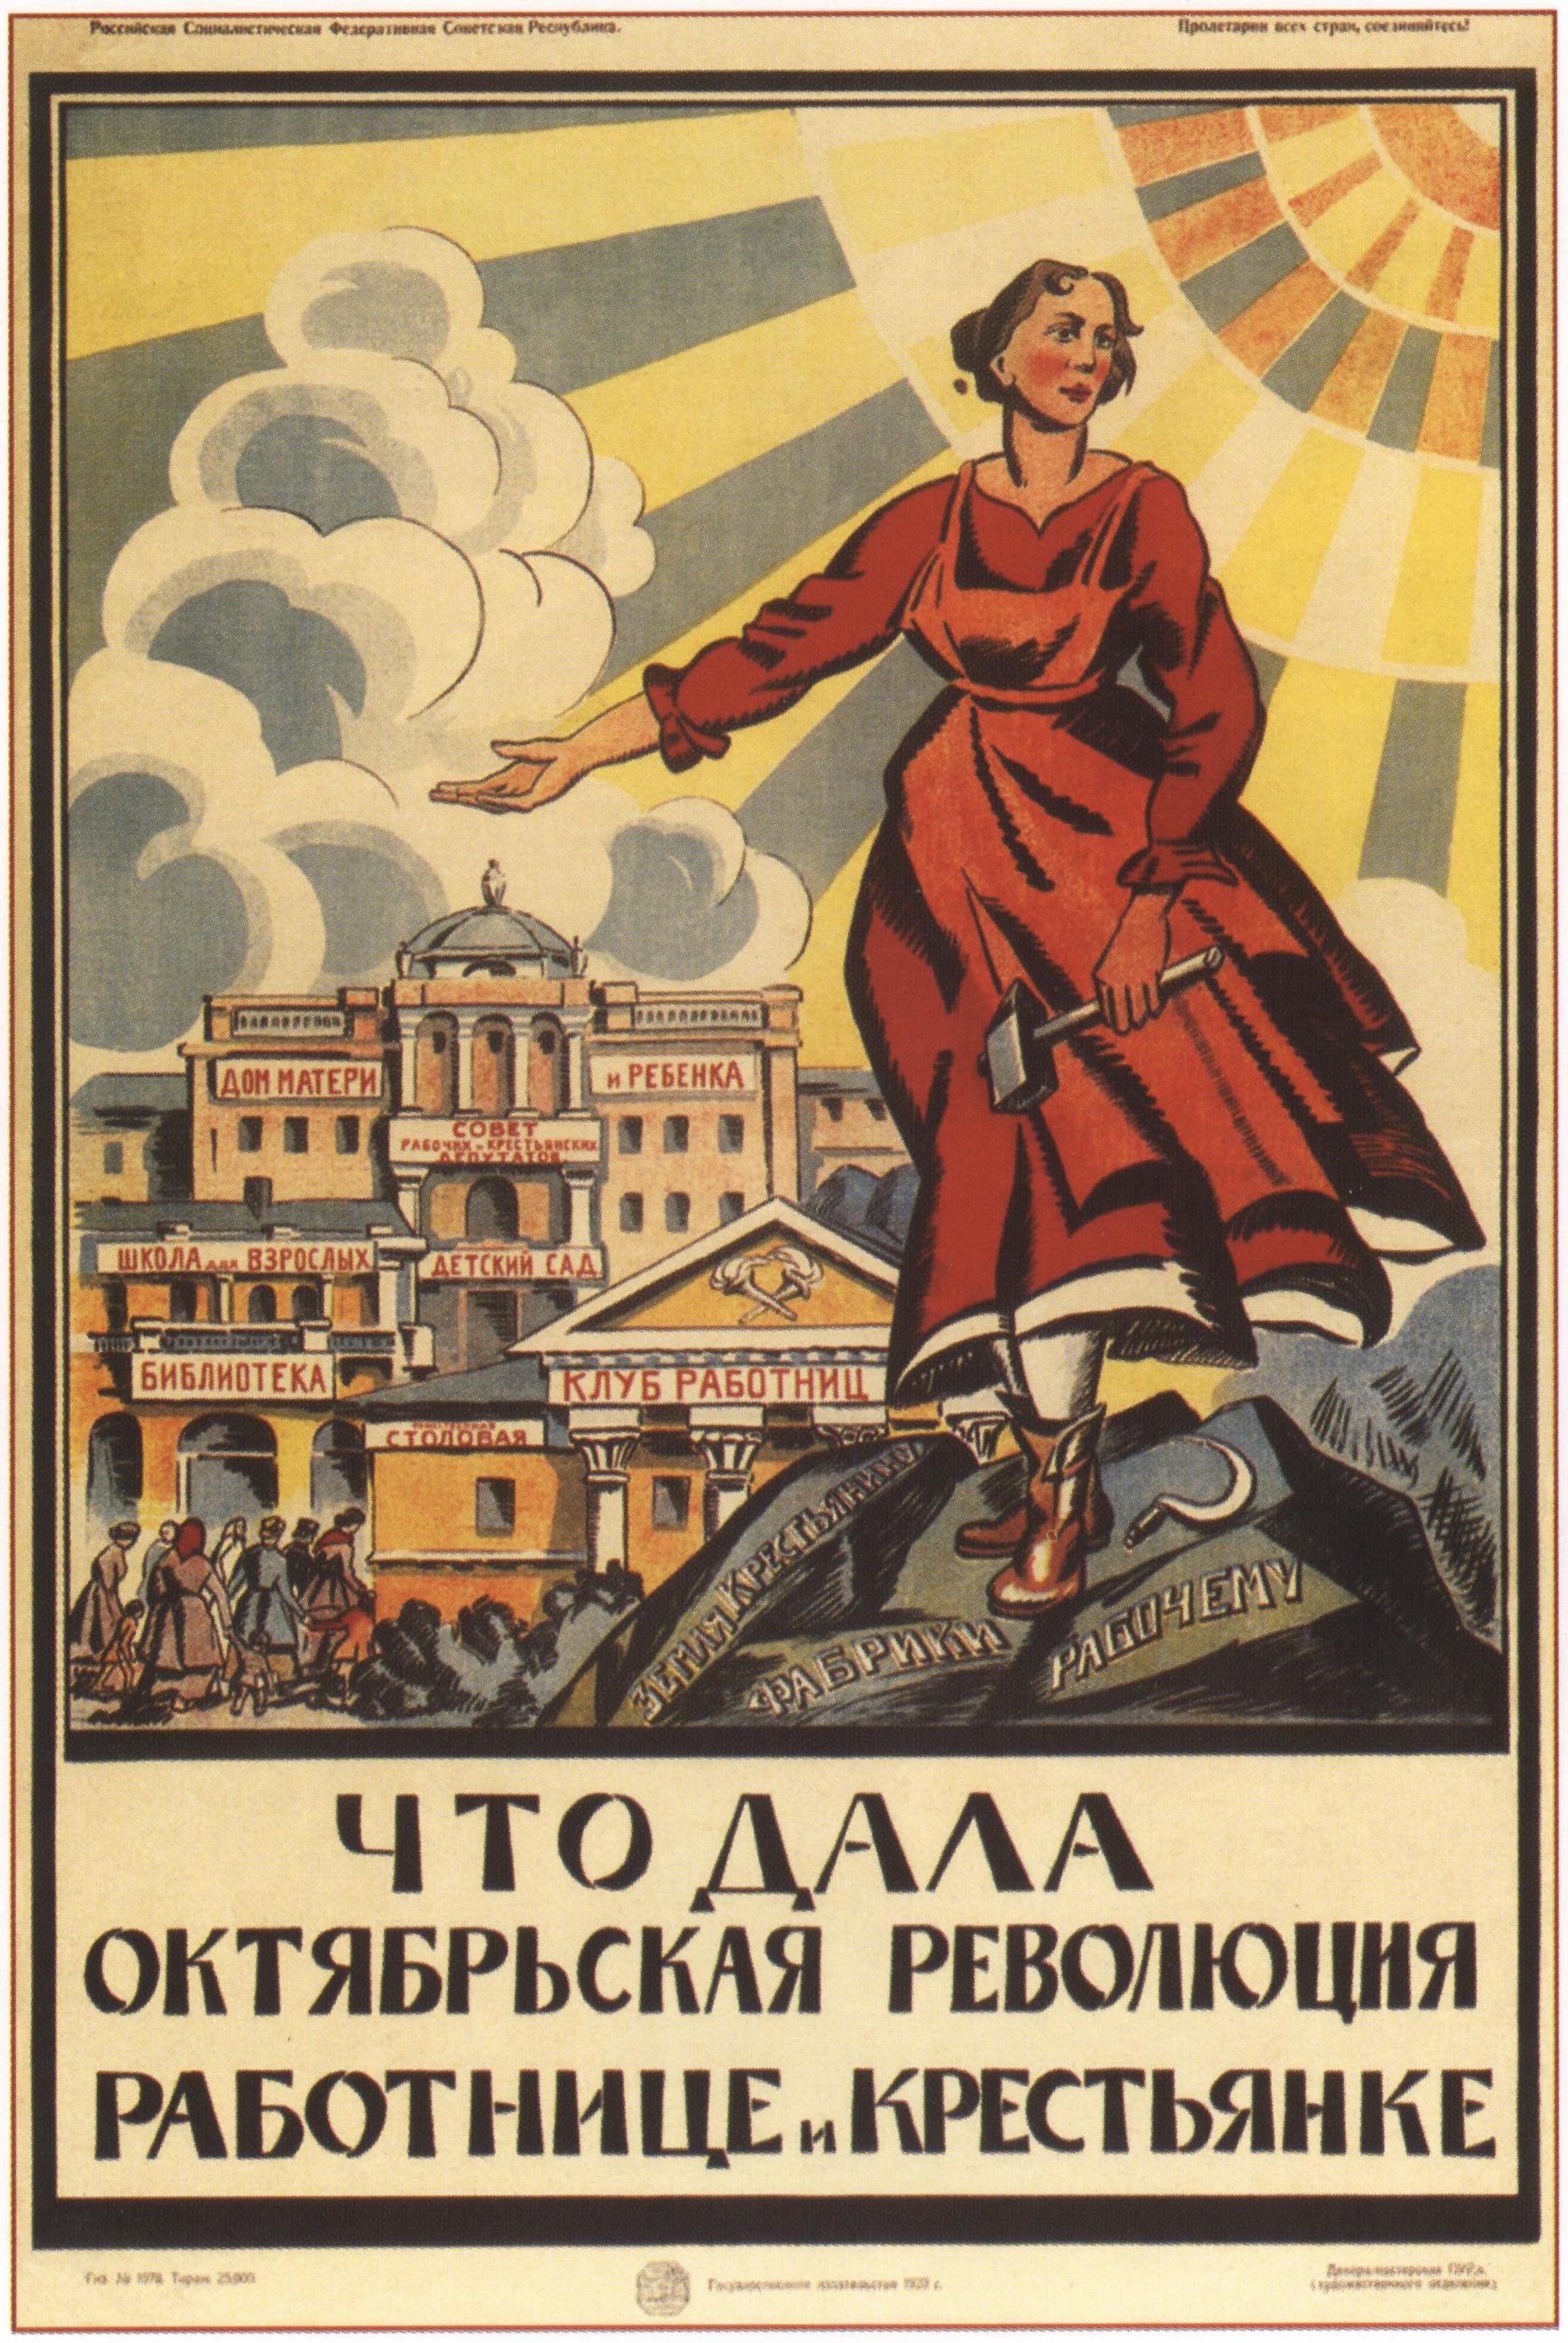 Что дала Октябрьская революция работнице и крестьянке